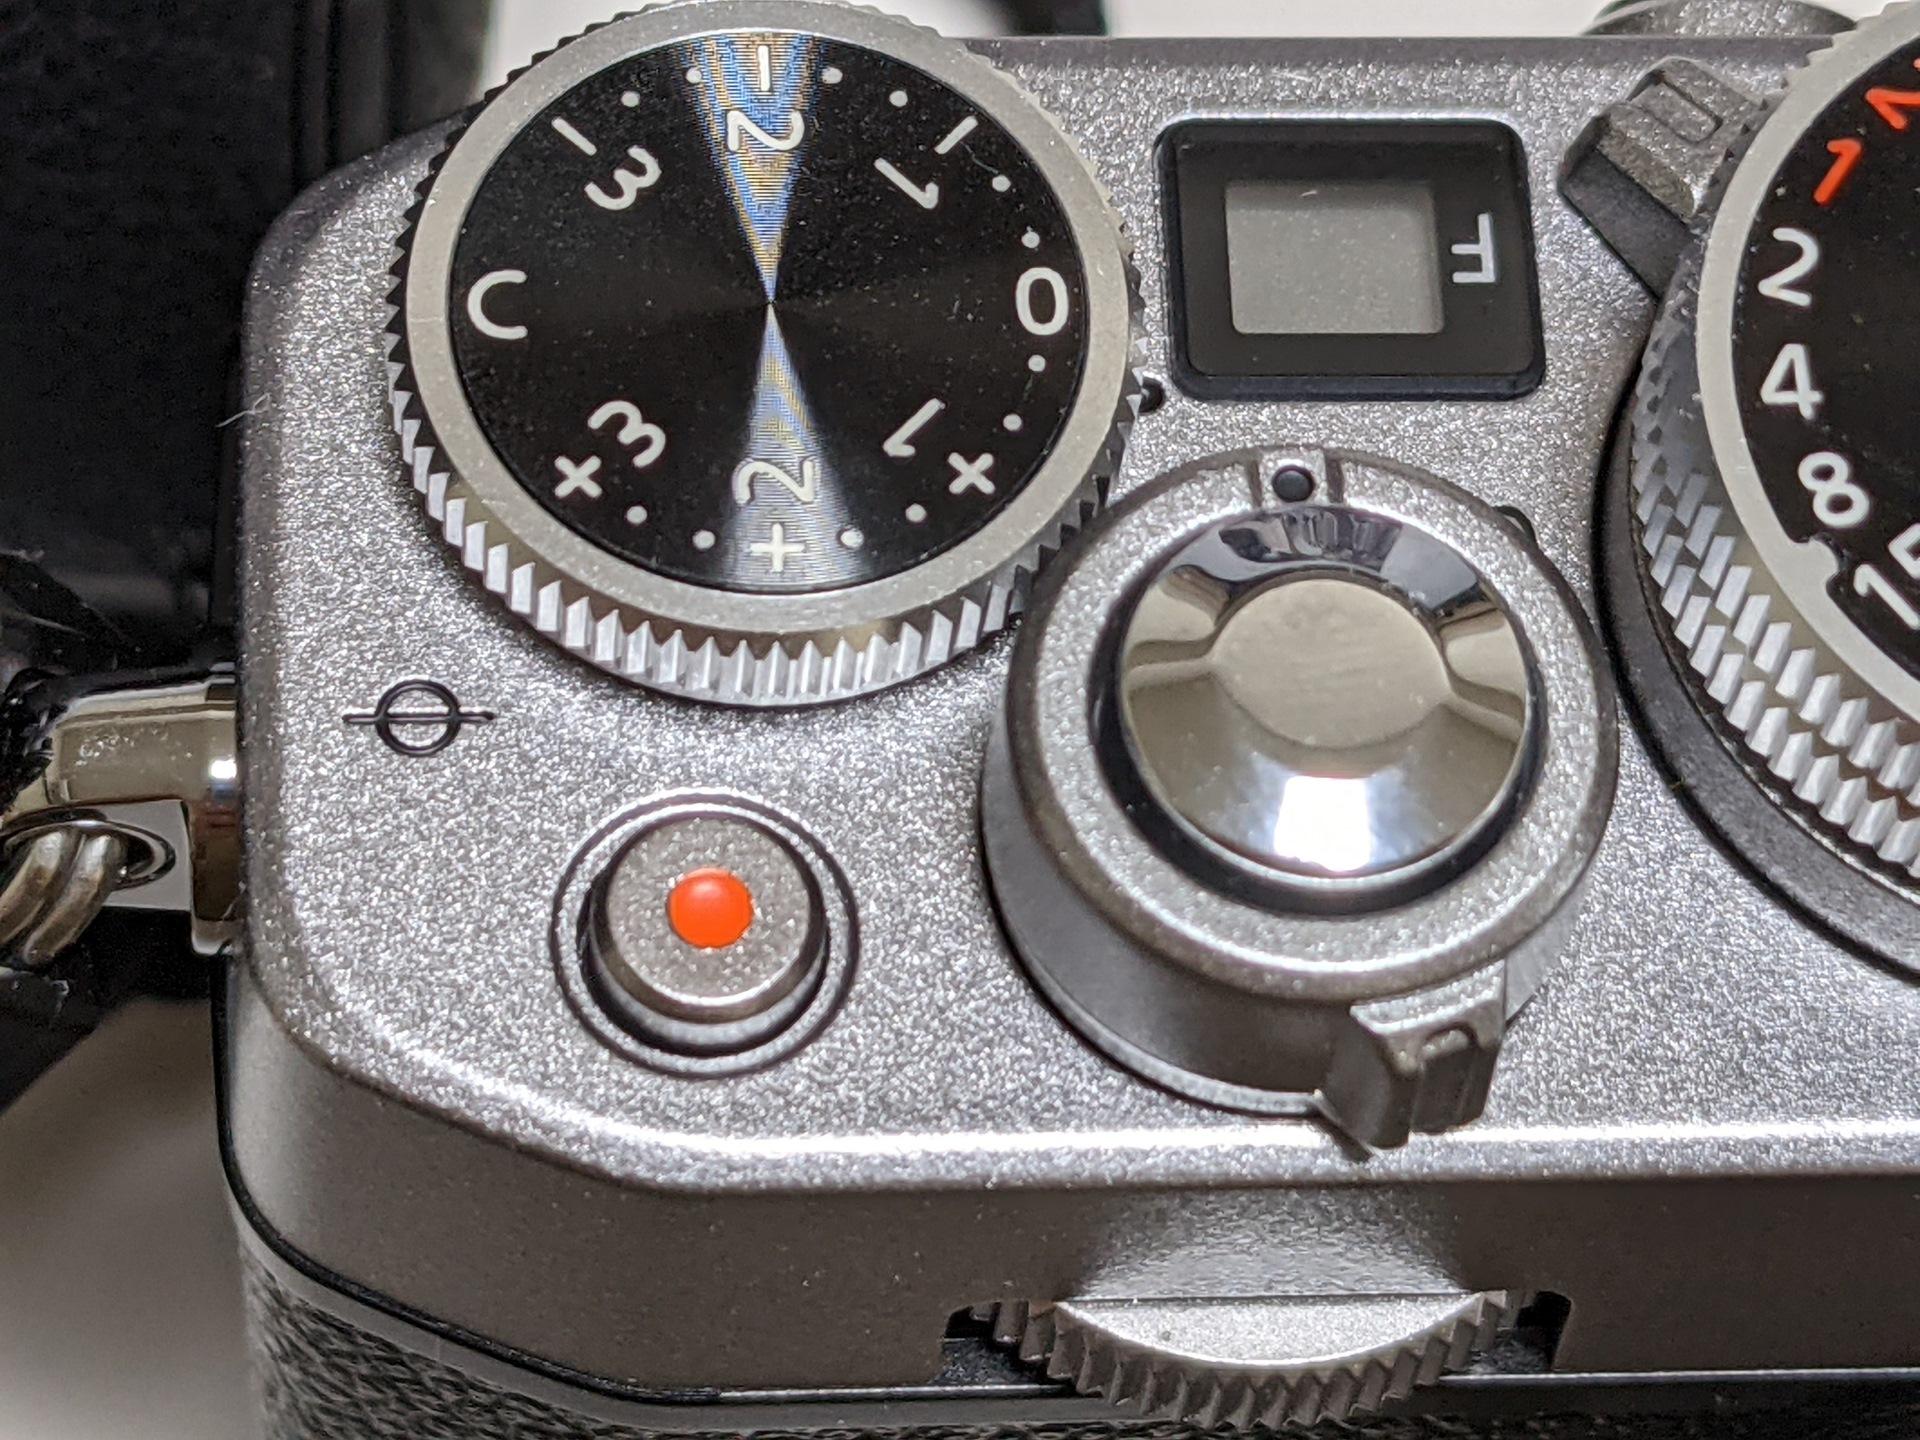 【山田祥平のRe:config.sys】老害上等、新しいカメラの古い使い方